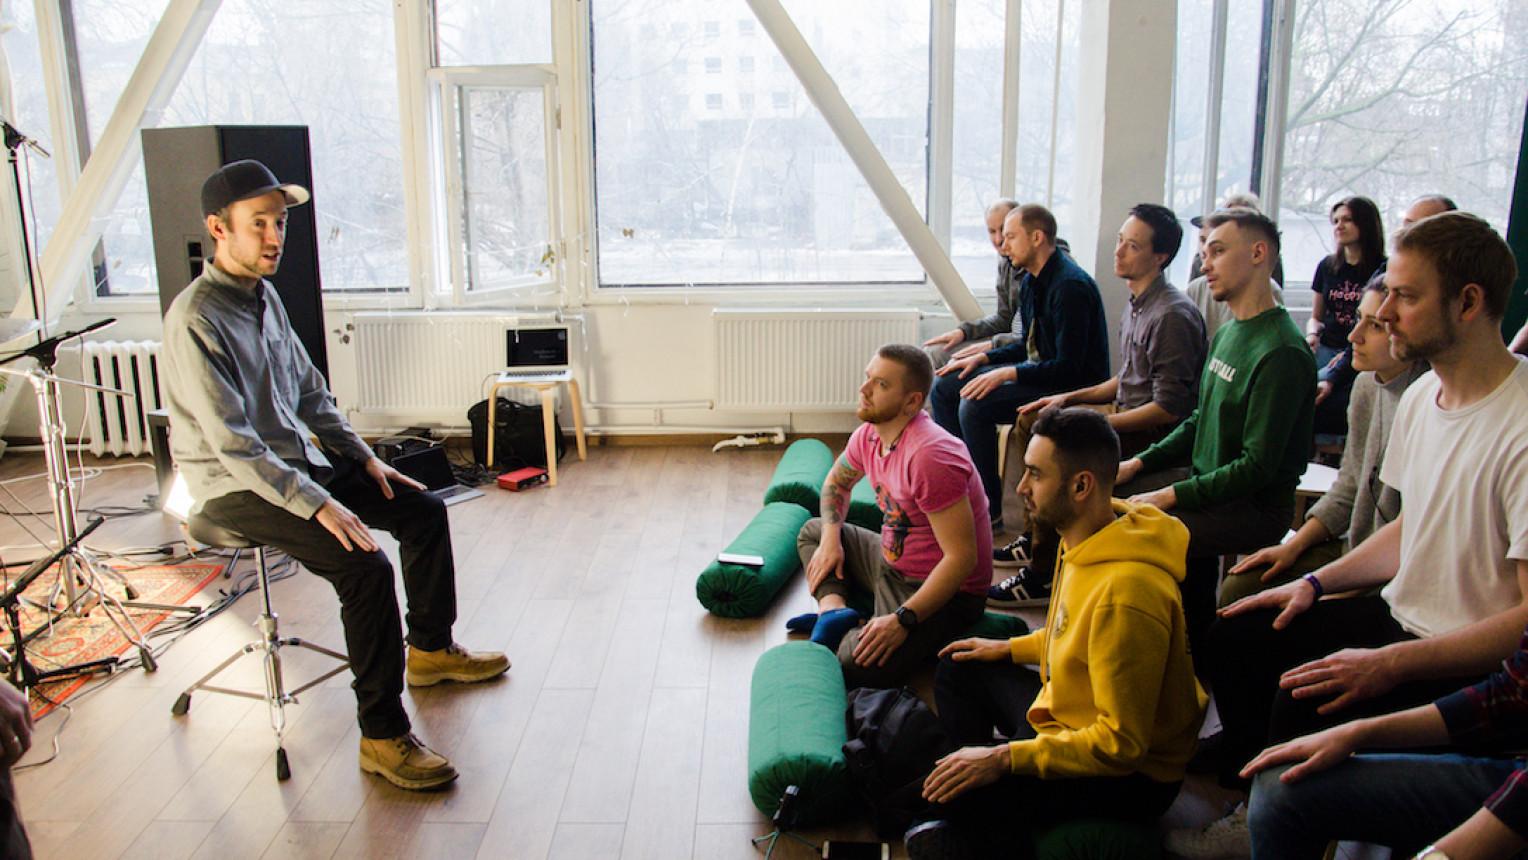 Пространство для йоги и других мероприятий - фото №6